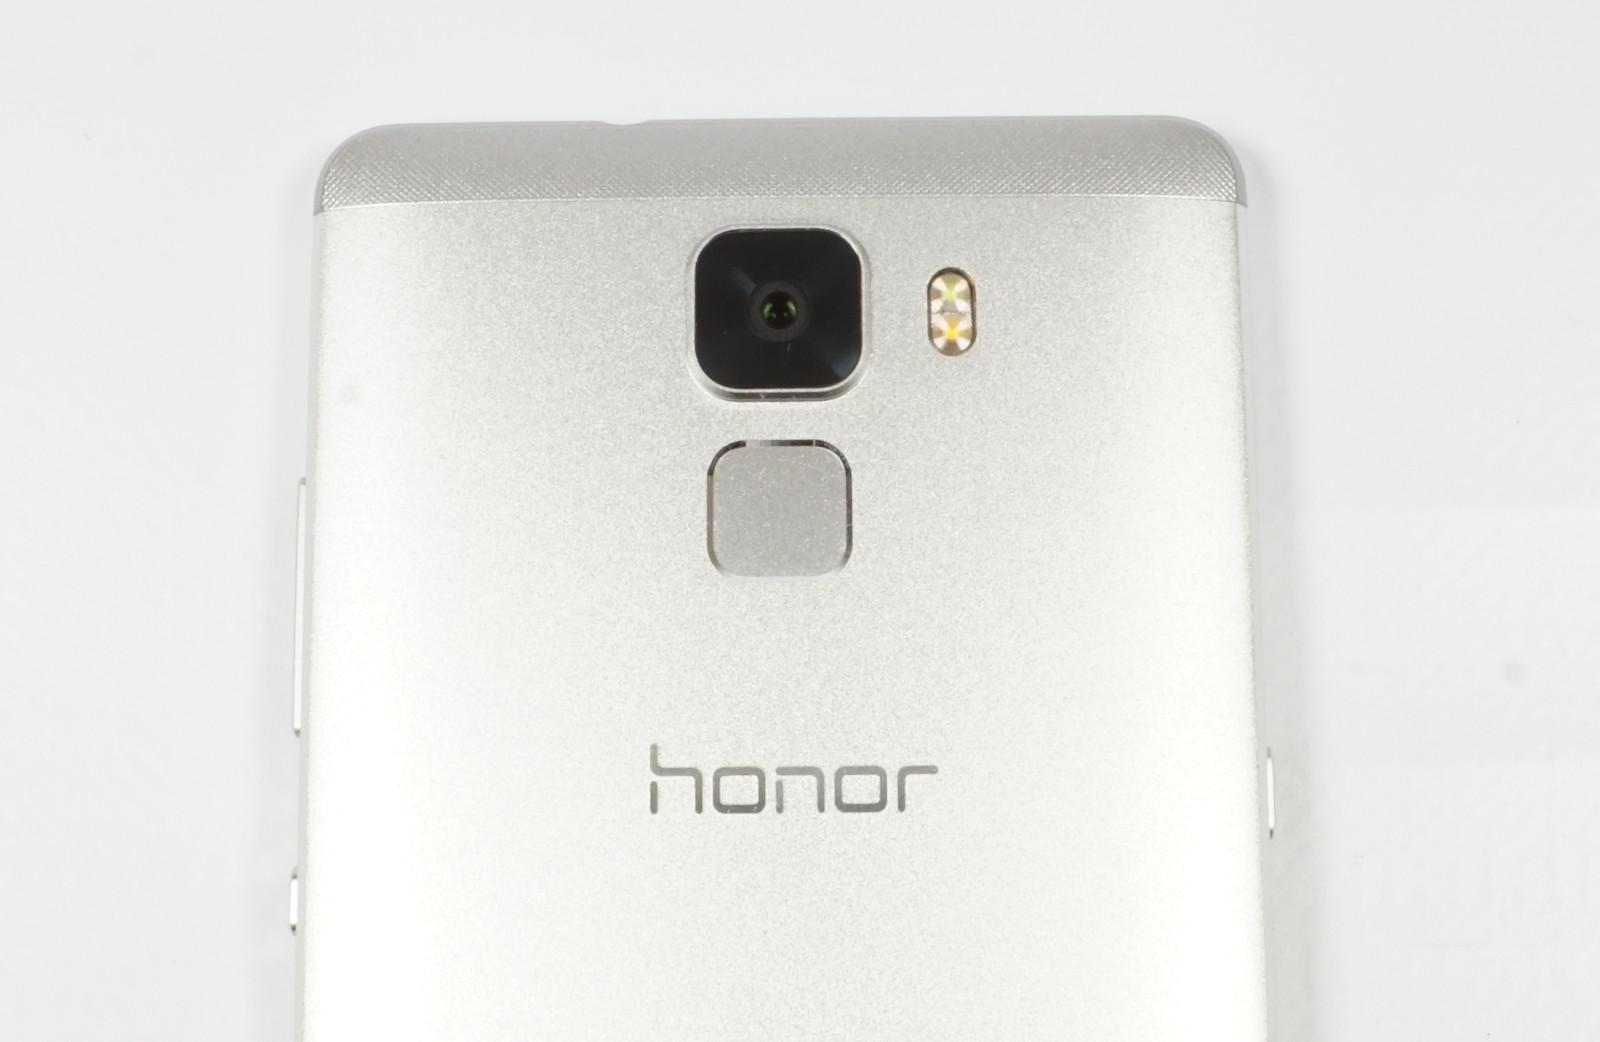 Huawei Honor 7 im Test: Mittelklasse-Handy top ausgestattet